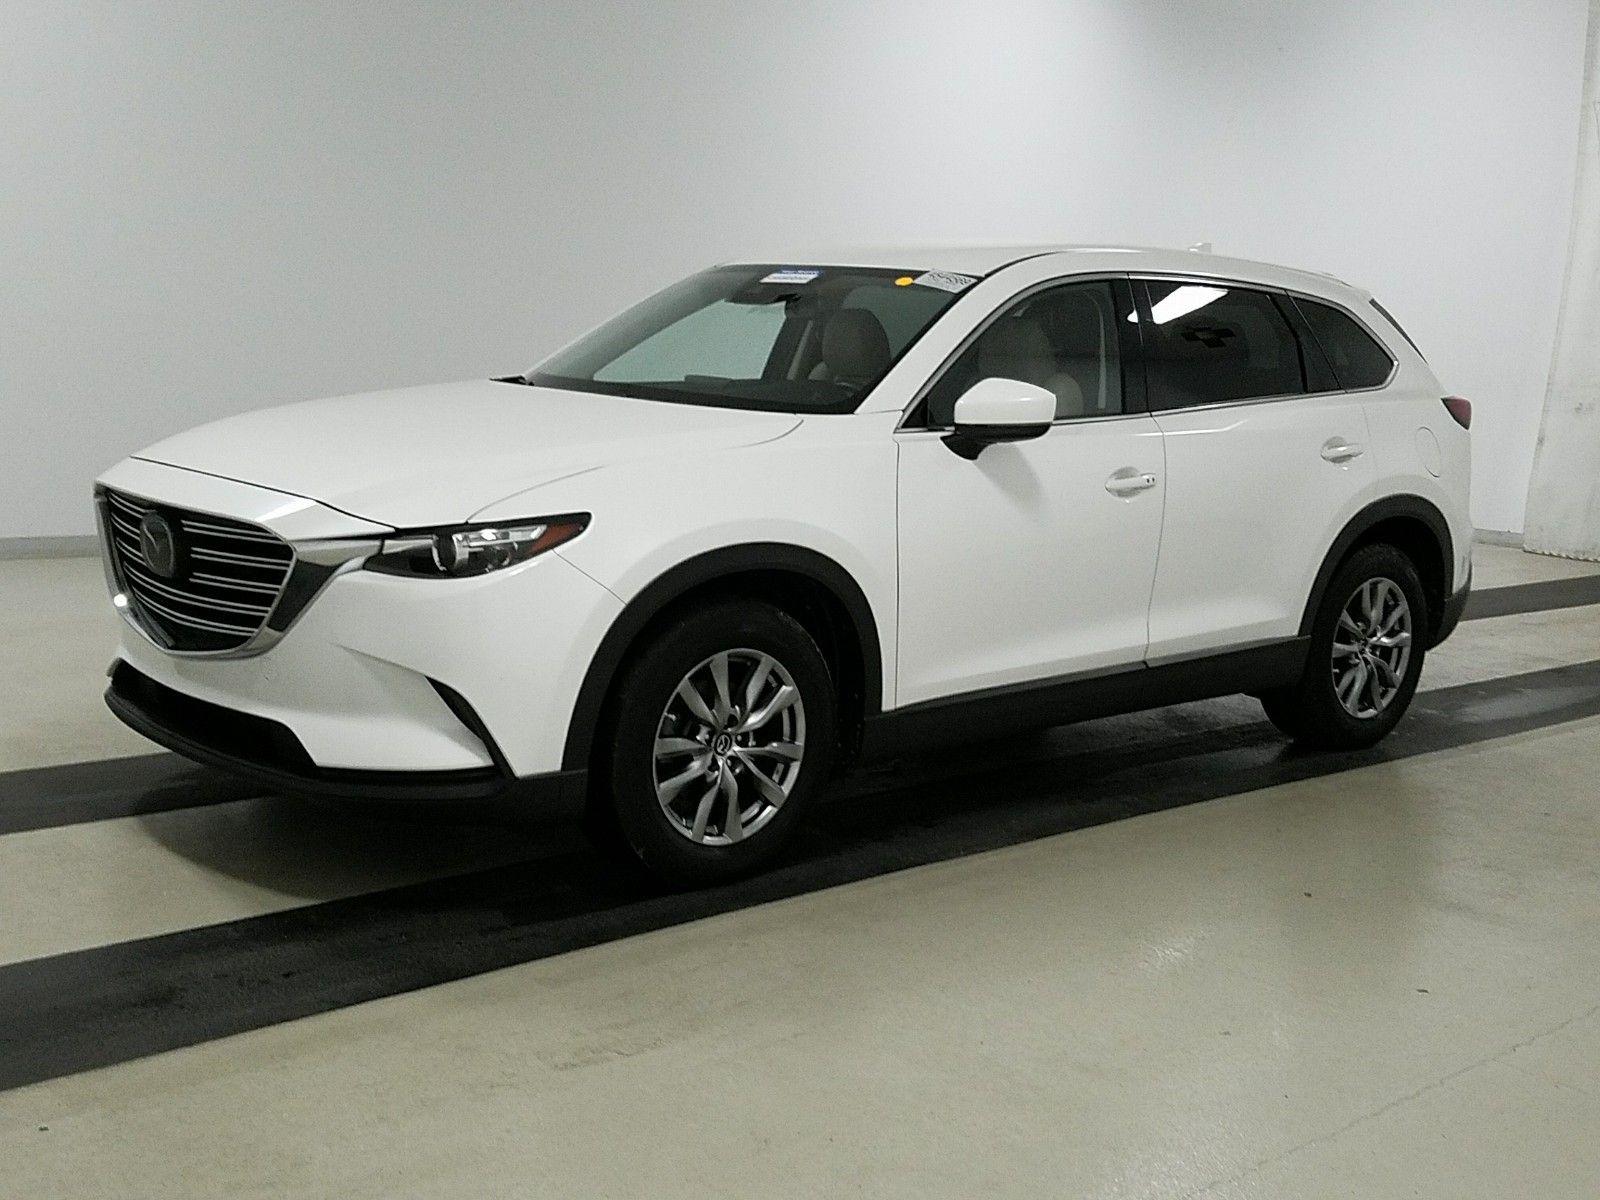 2018 Mazda Cx-9 2.5. Lot 99915992047 Vin JM3TCACY0J0211185